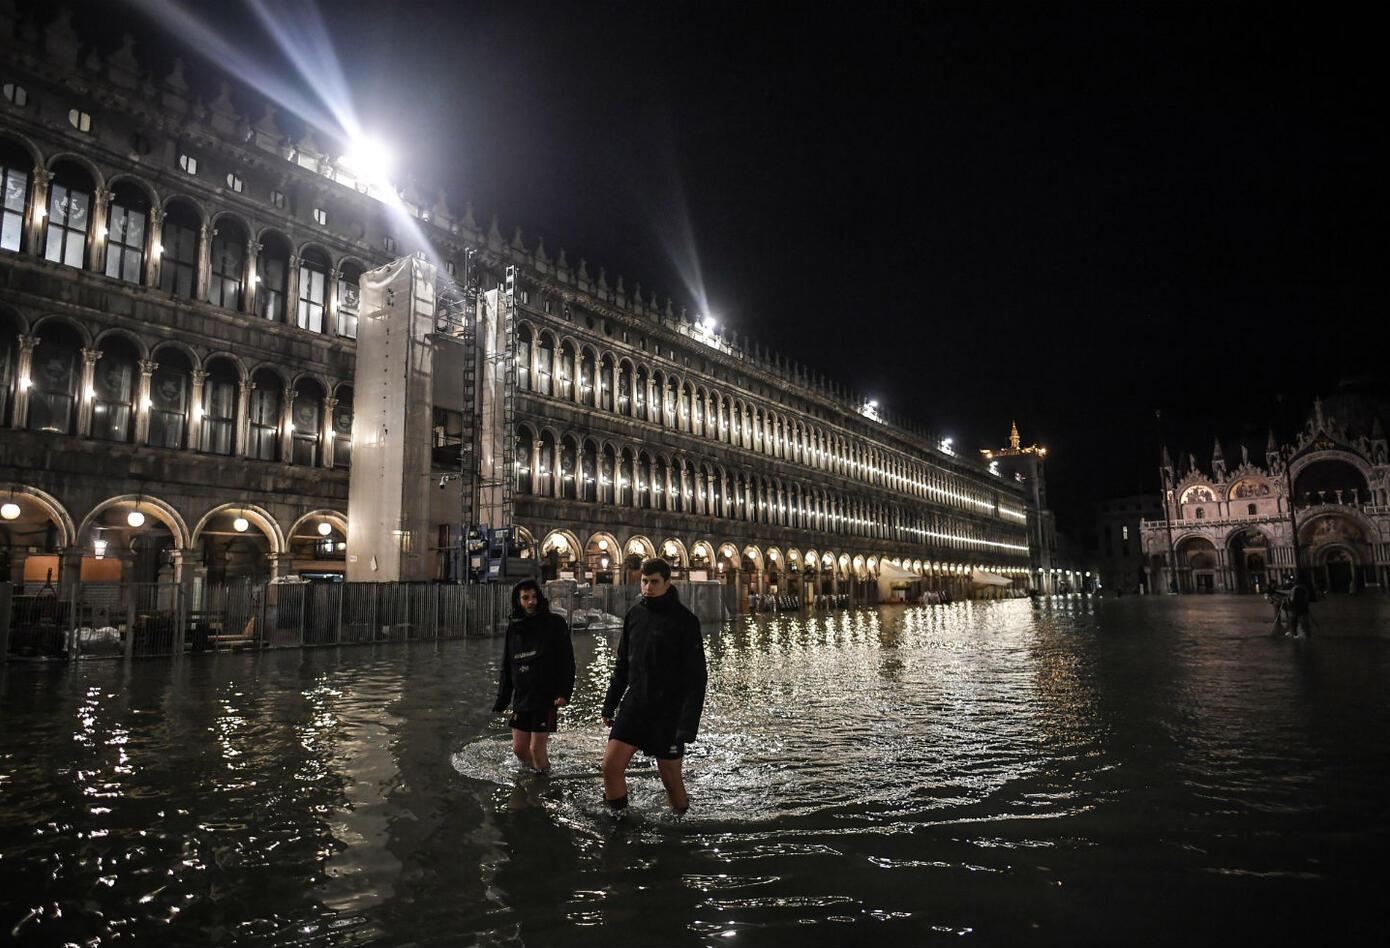 Inundaciones en Venecia, Italia